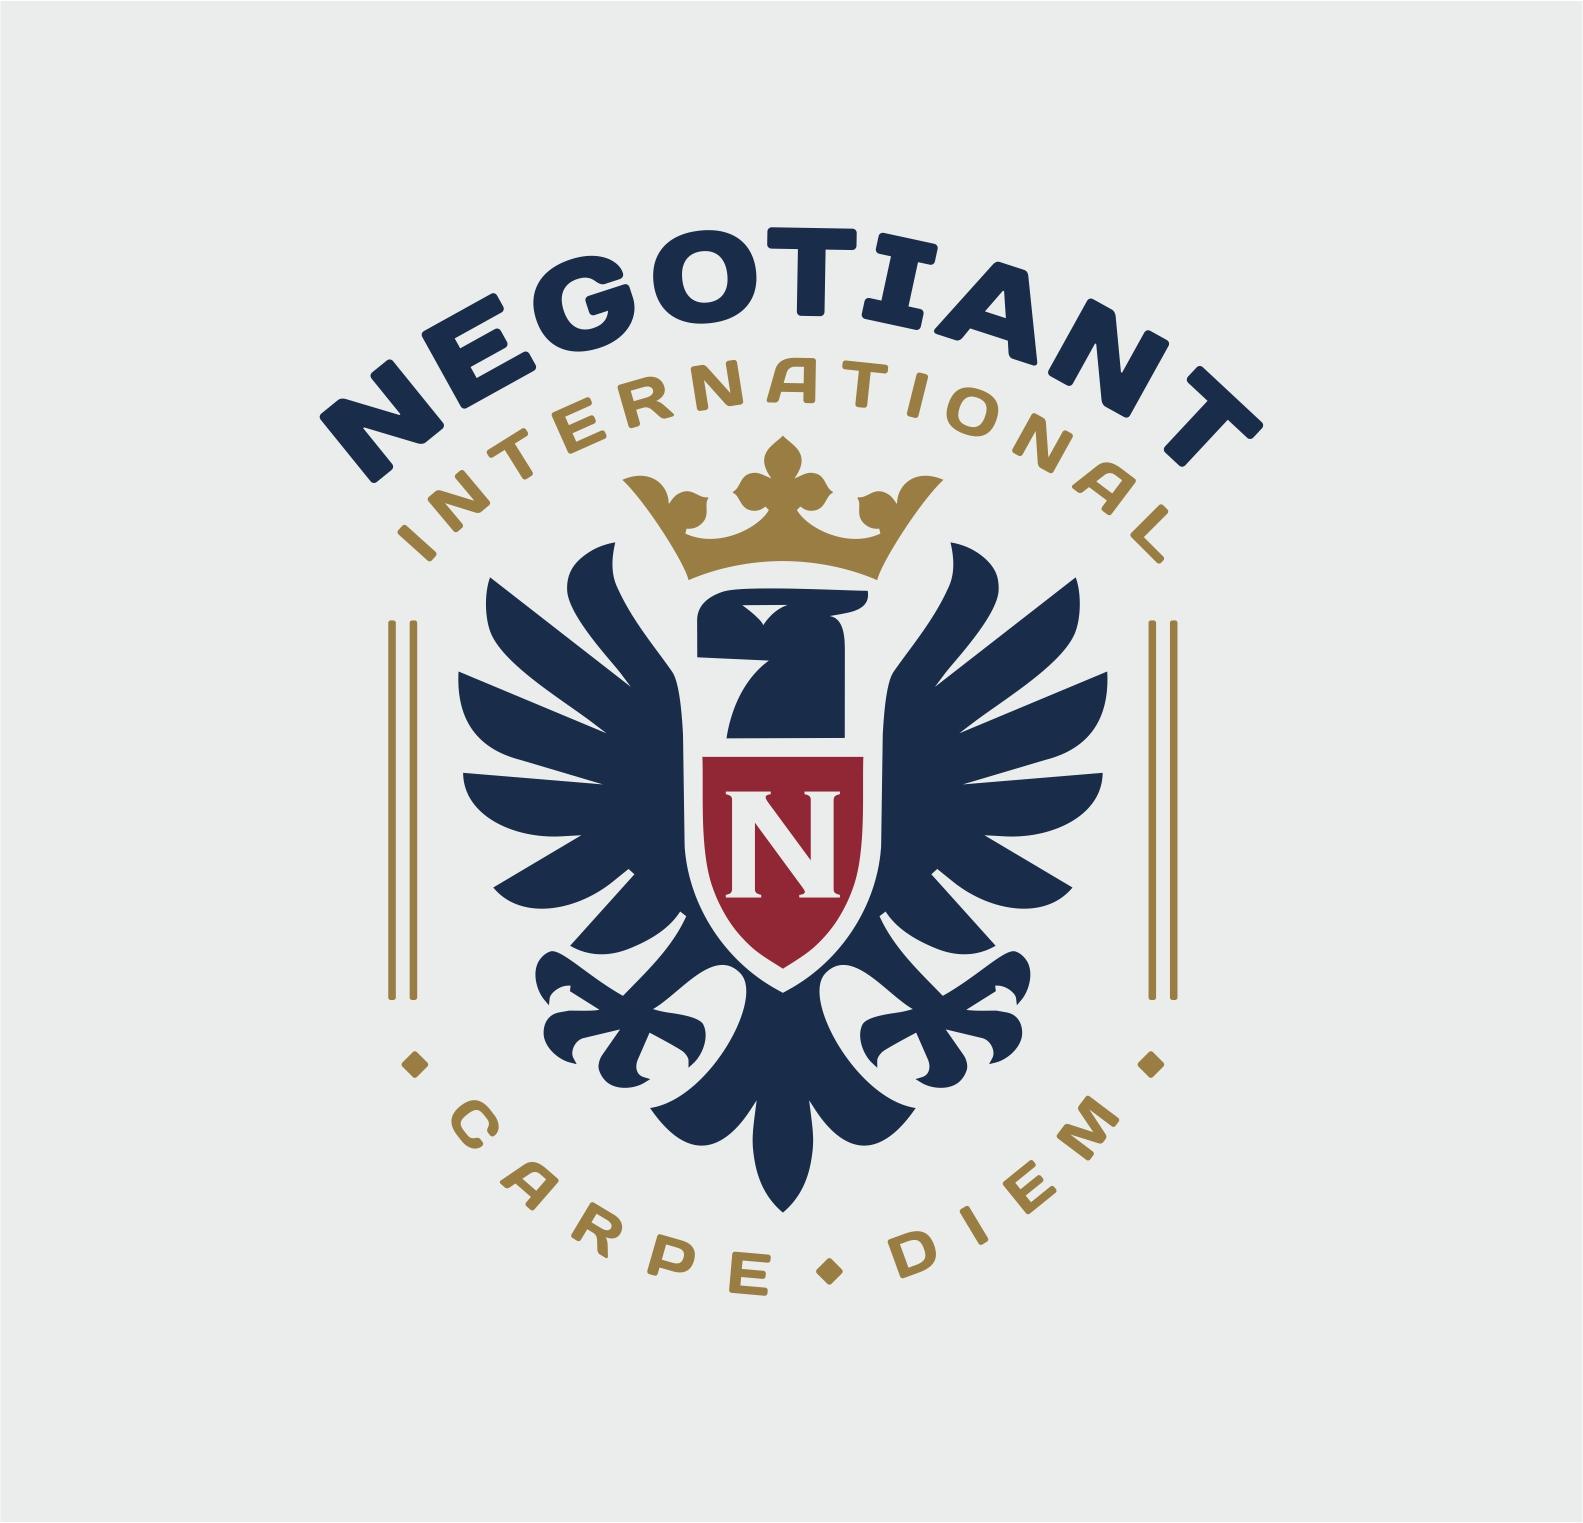 Crowned heraldic eagle crest logo.   Logotip u obliku okrunjenog heraldičkog orla.